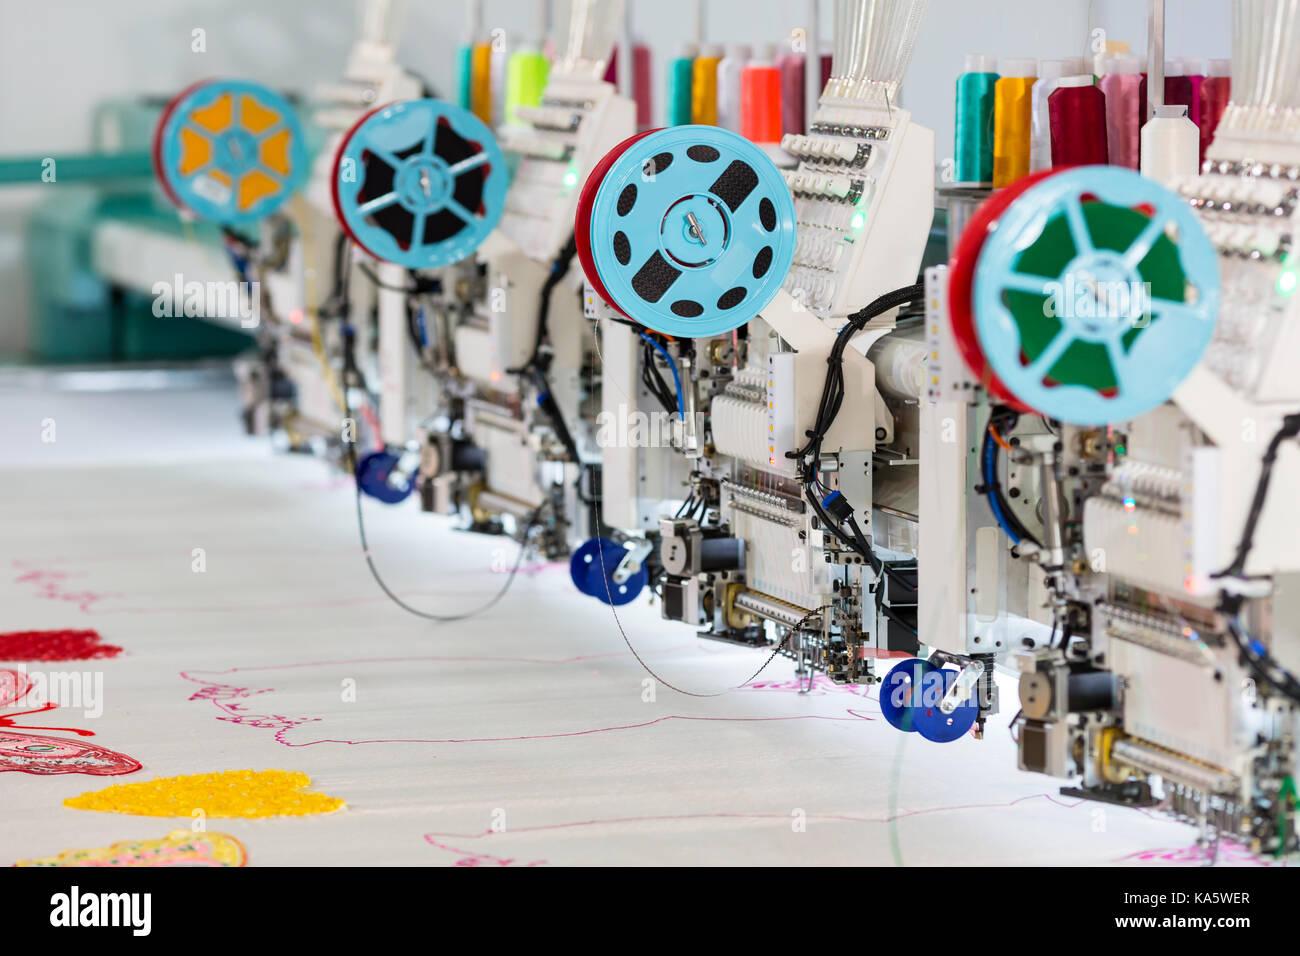 Textile Loom Stockfotos & Textile Loom Bilder - Seite 16 - Alamy